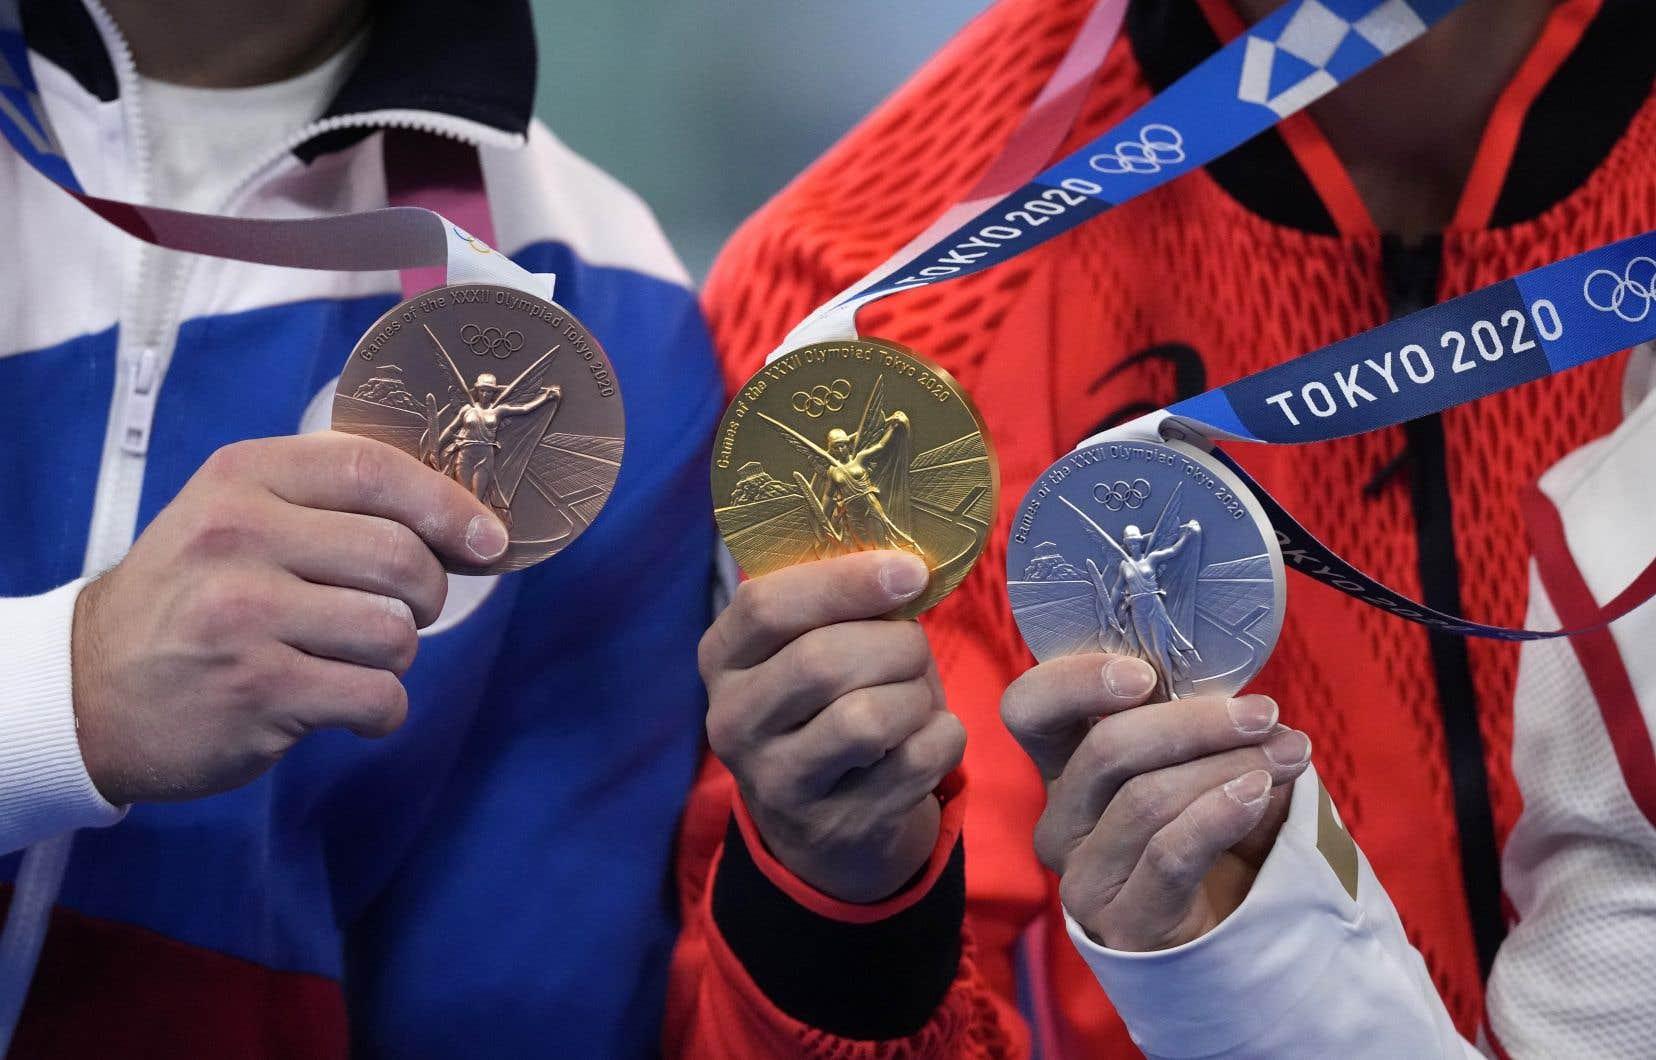 Selon des experts, l'ampleur de la récolte de médailles lors des Jeux passés, la taille de la population et la richesse par habitant permettent de prédire environ 95% des écarts entre les pays au tableau des médailles.